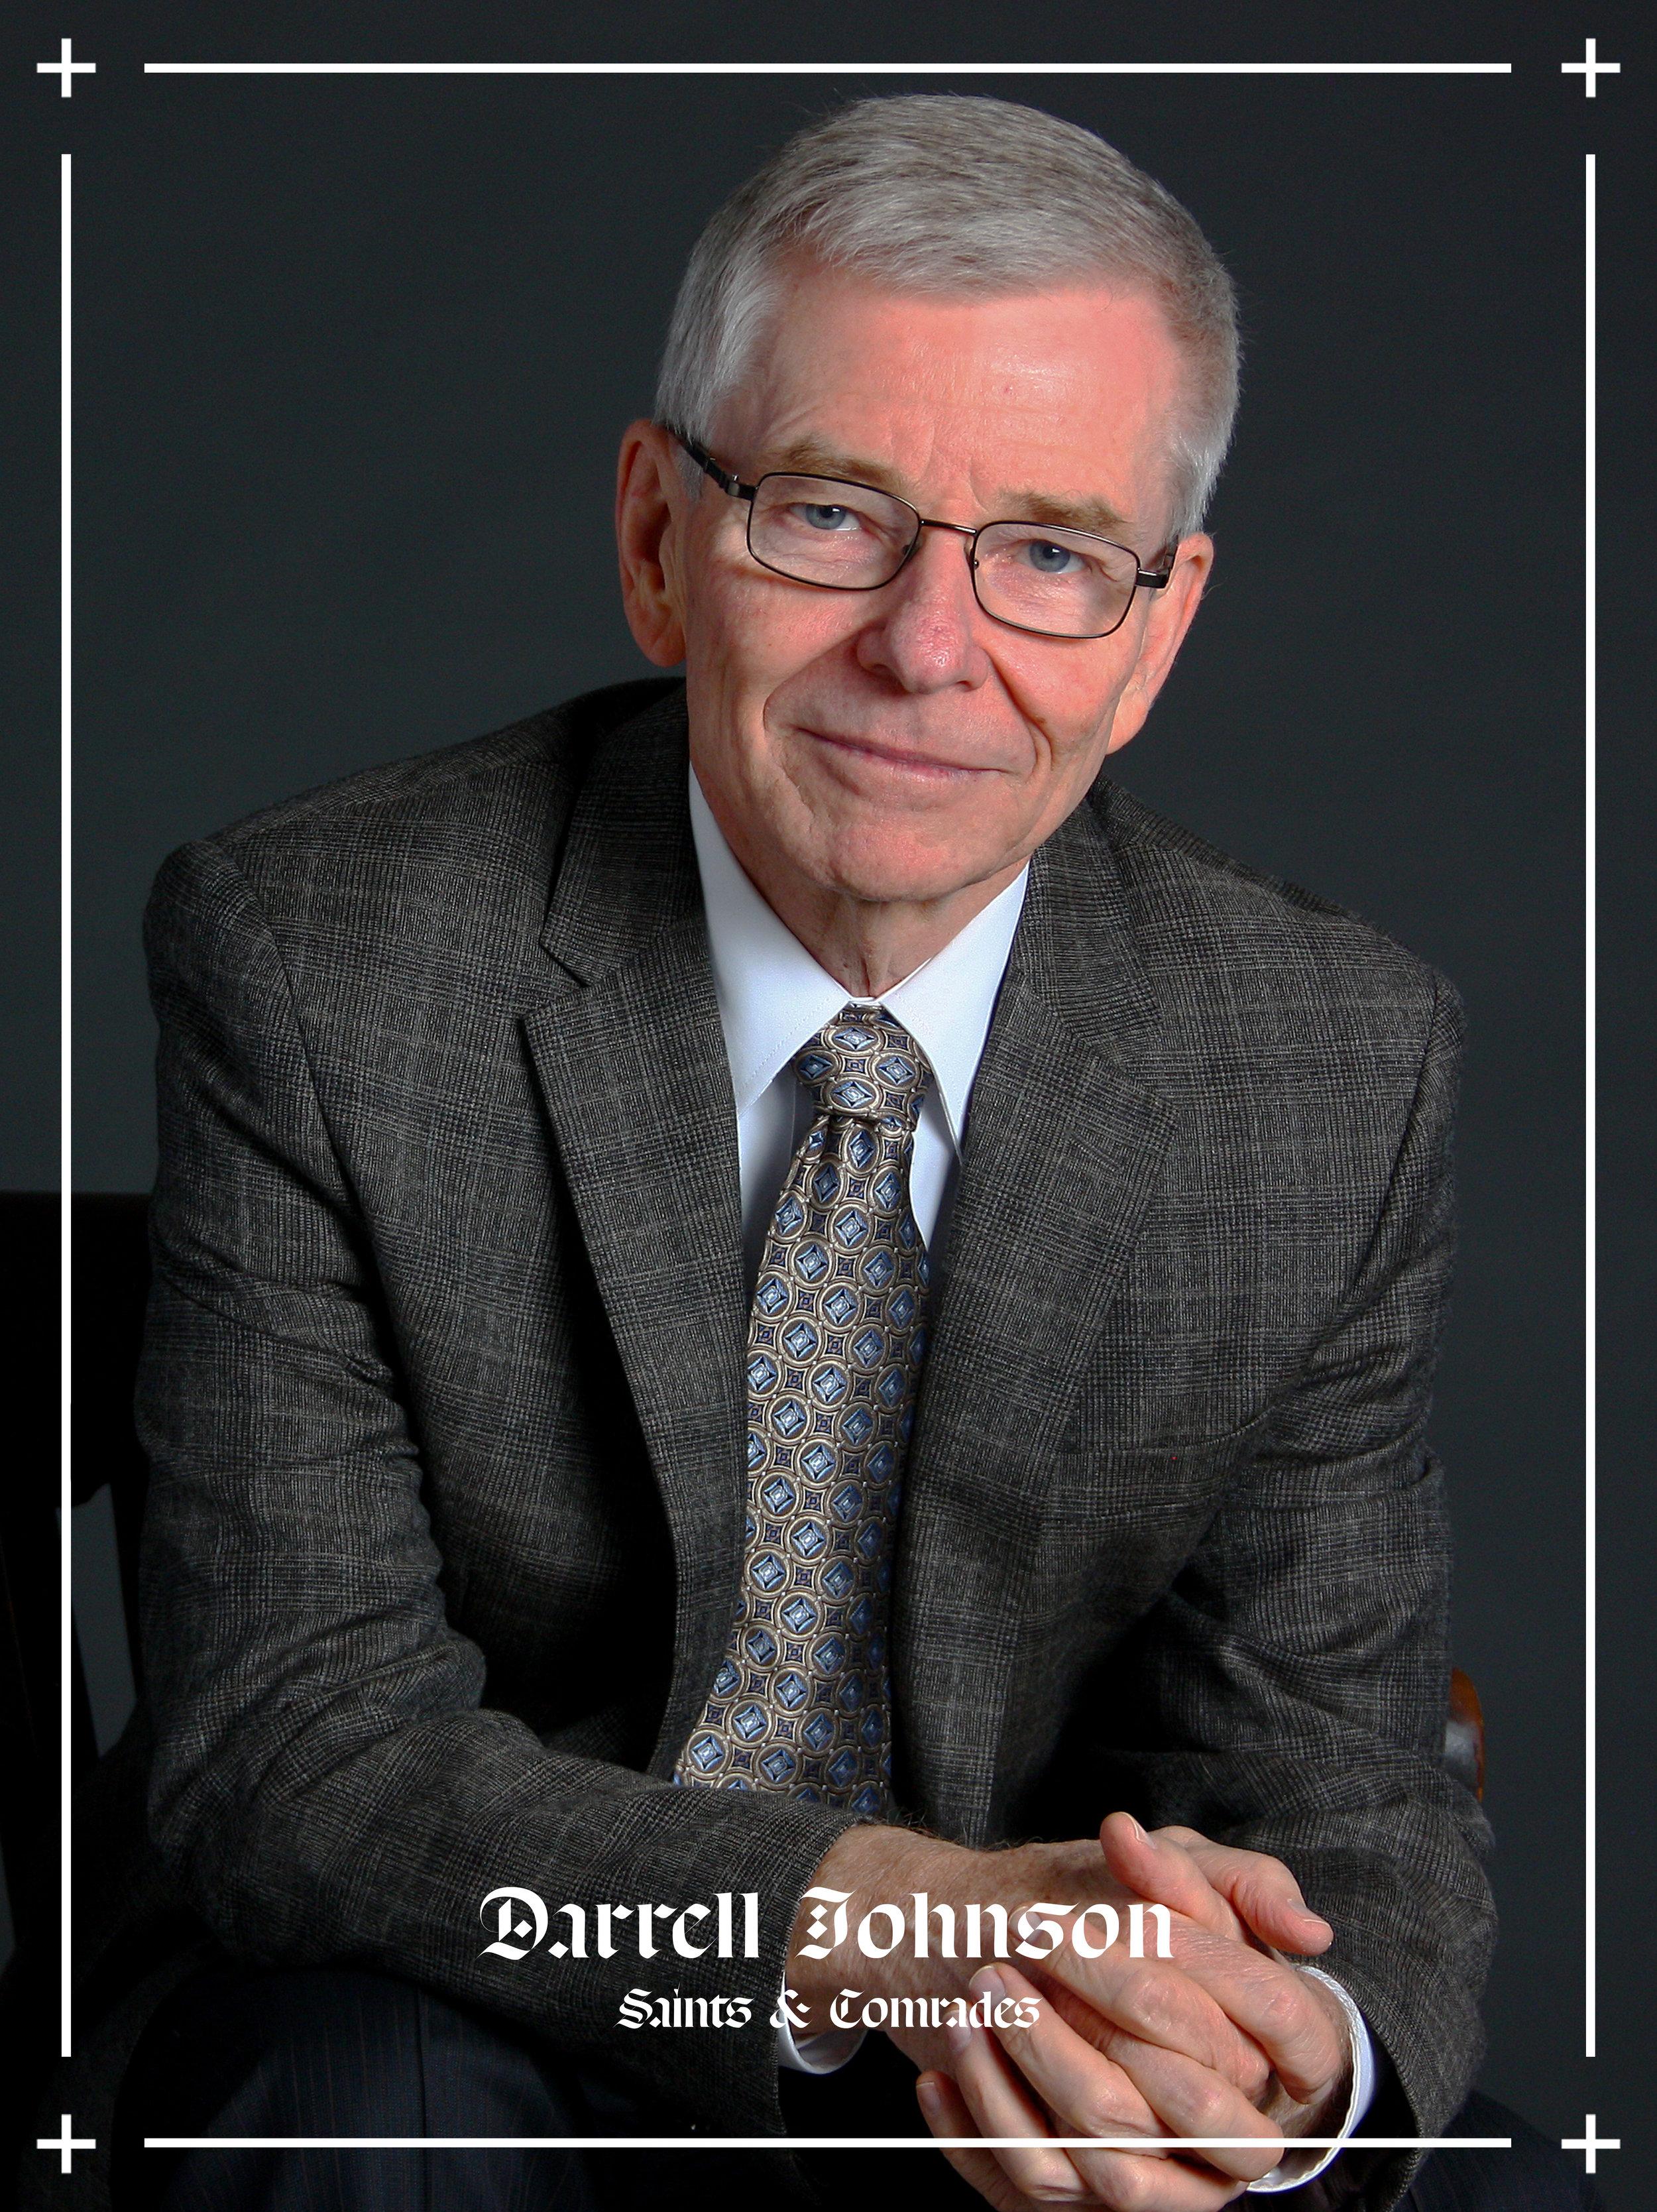 Darrell Johnson Web.jpg